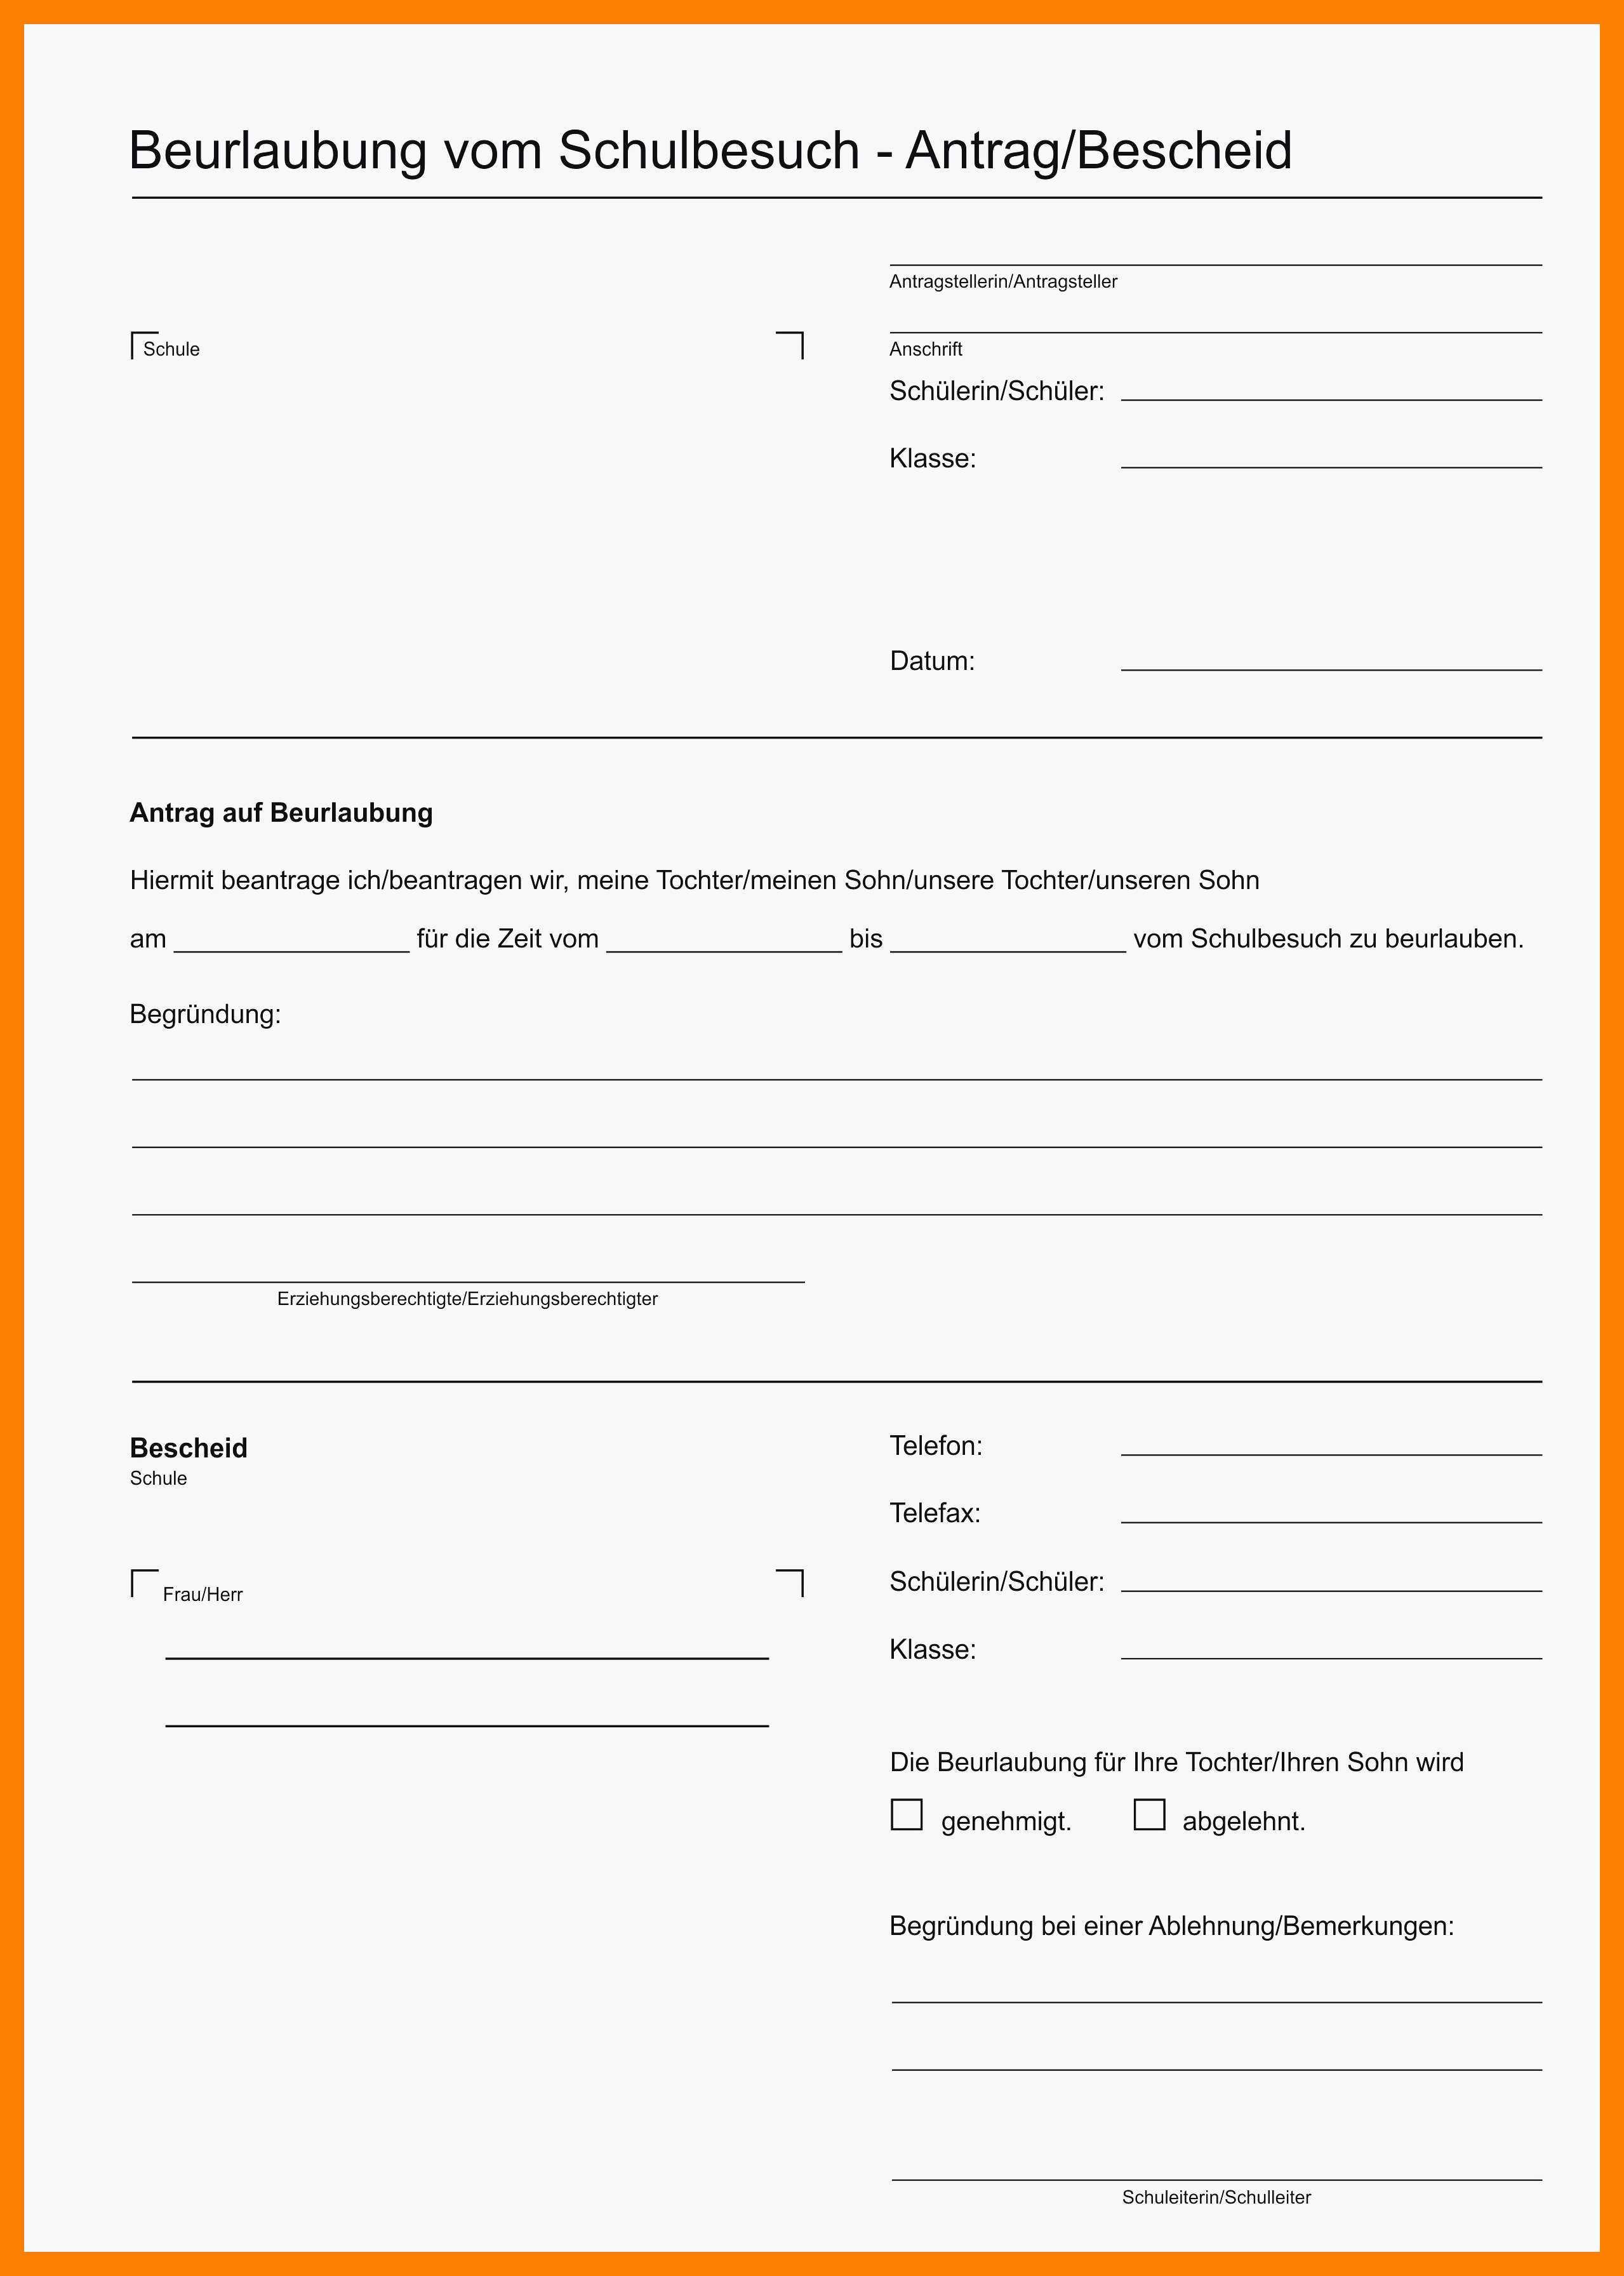 Schulbefreiung Wegen Urlaub Musterbrief Antrag Auf